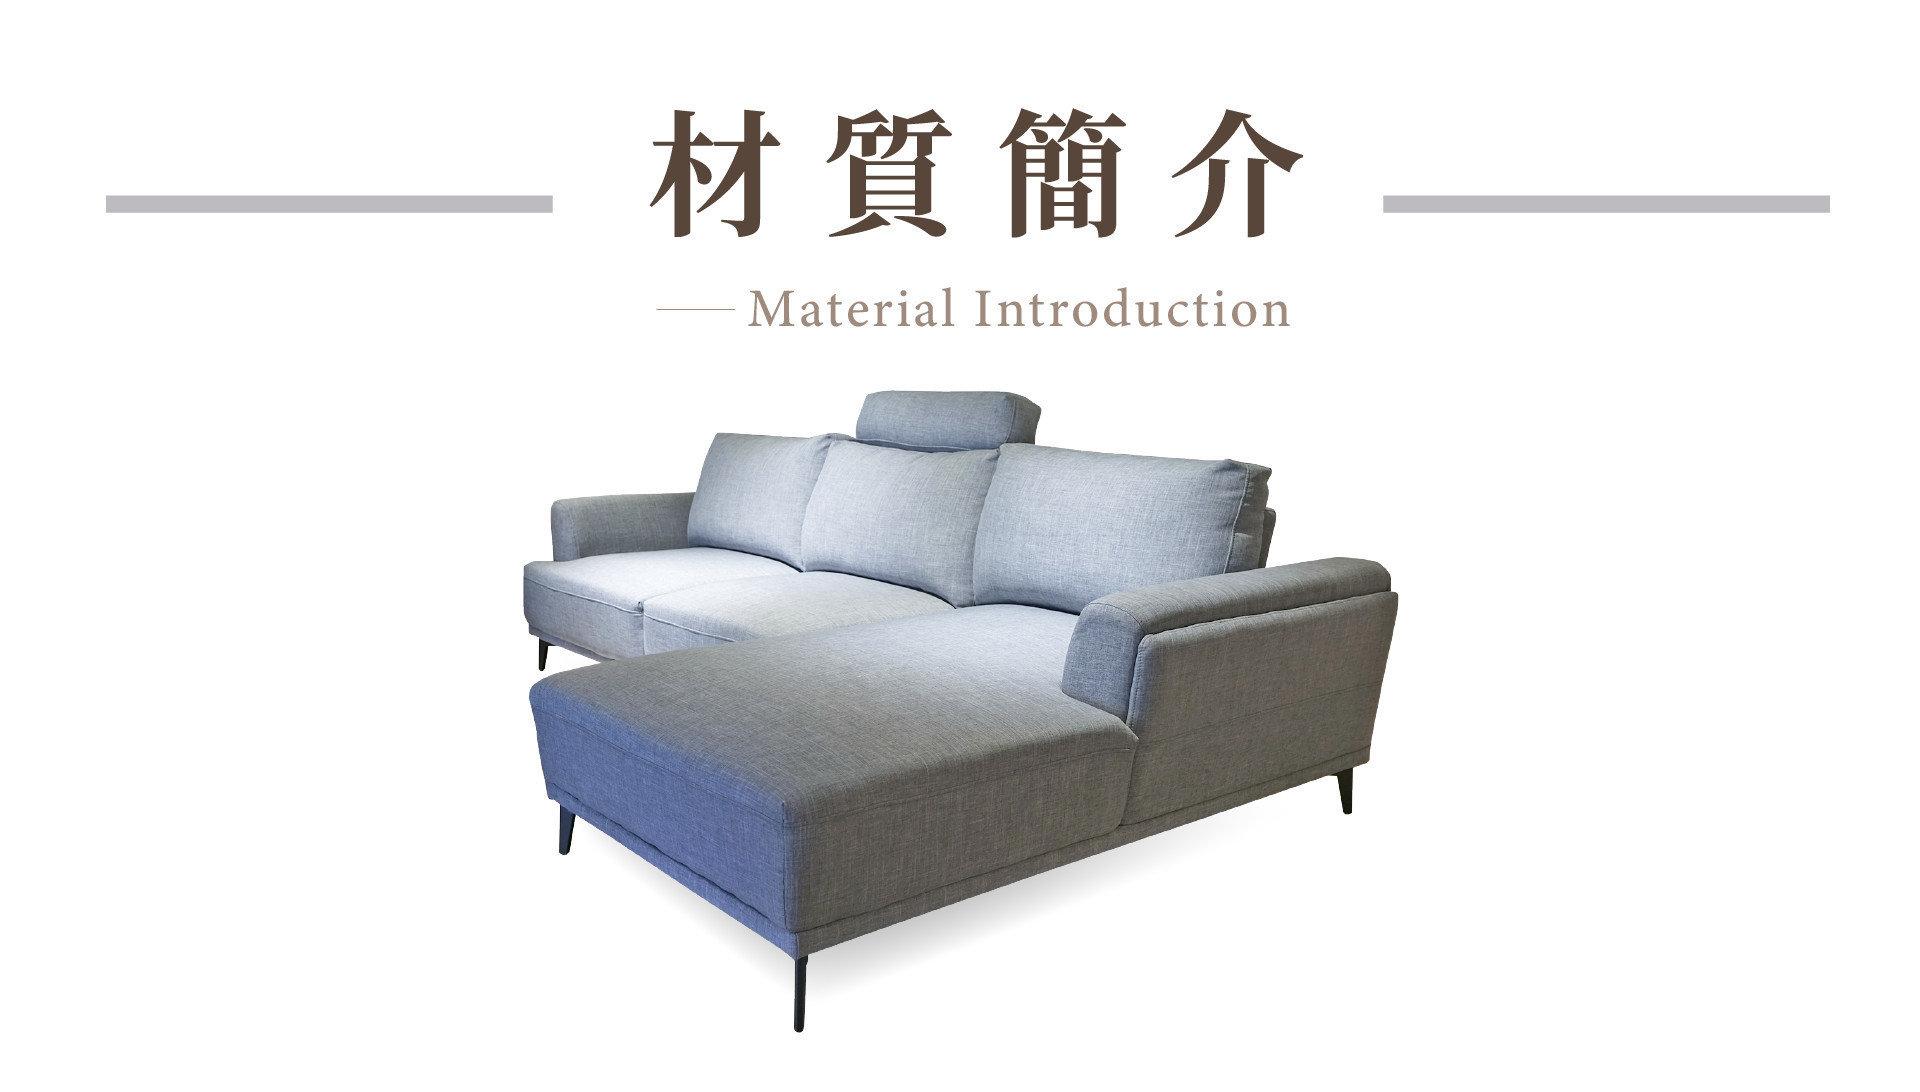 【丹尼爾沙發】家具材質簡介